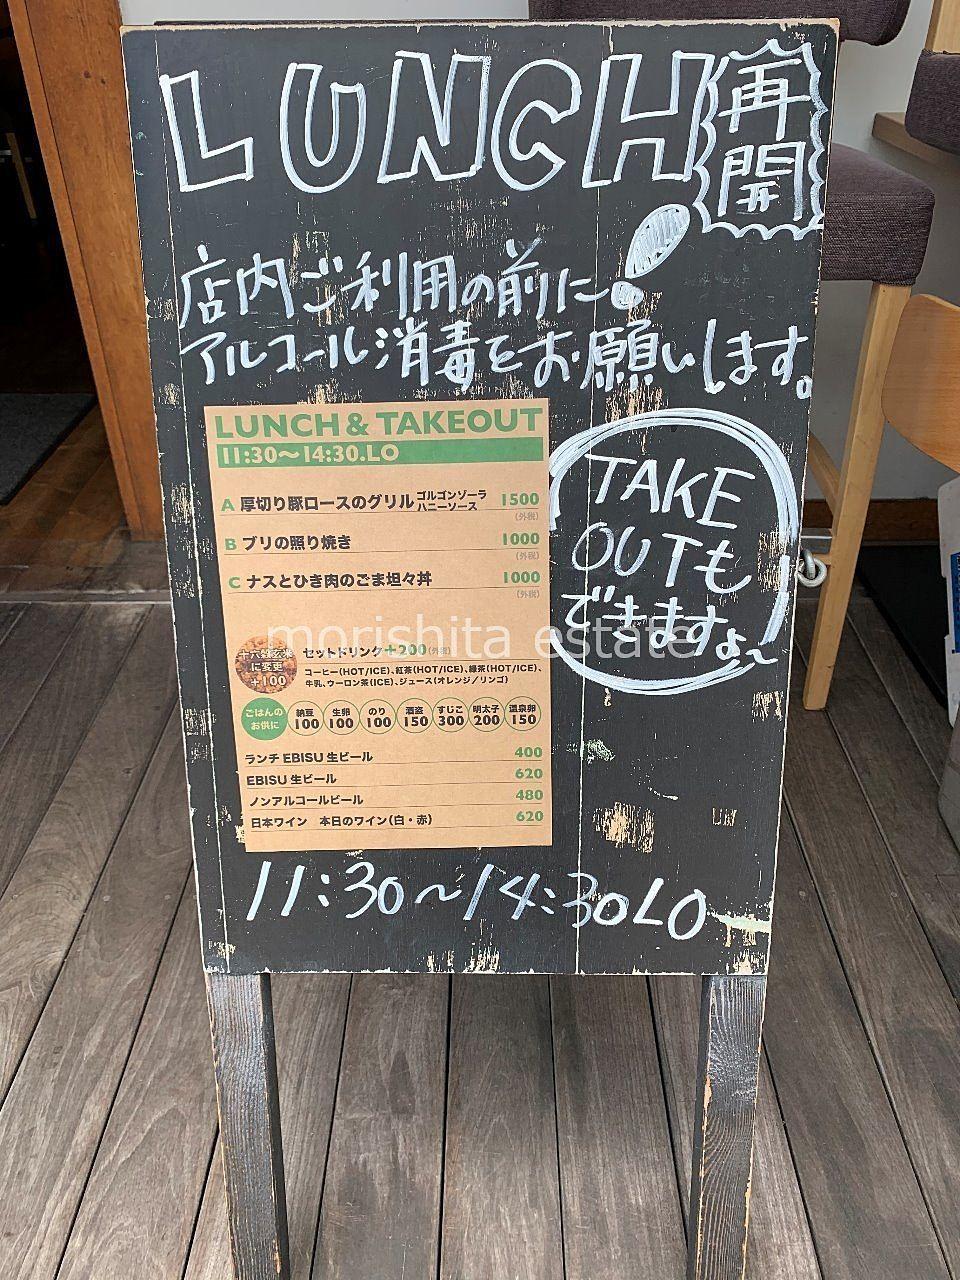 森下 定食カフェ ランチ テイクアウト メニュー 写真